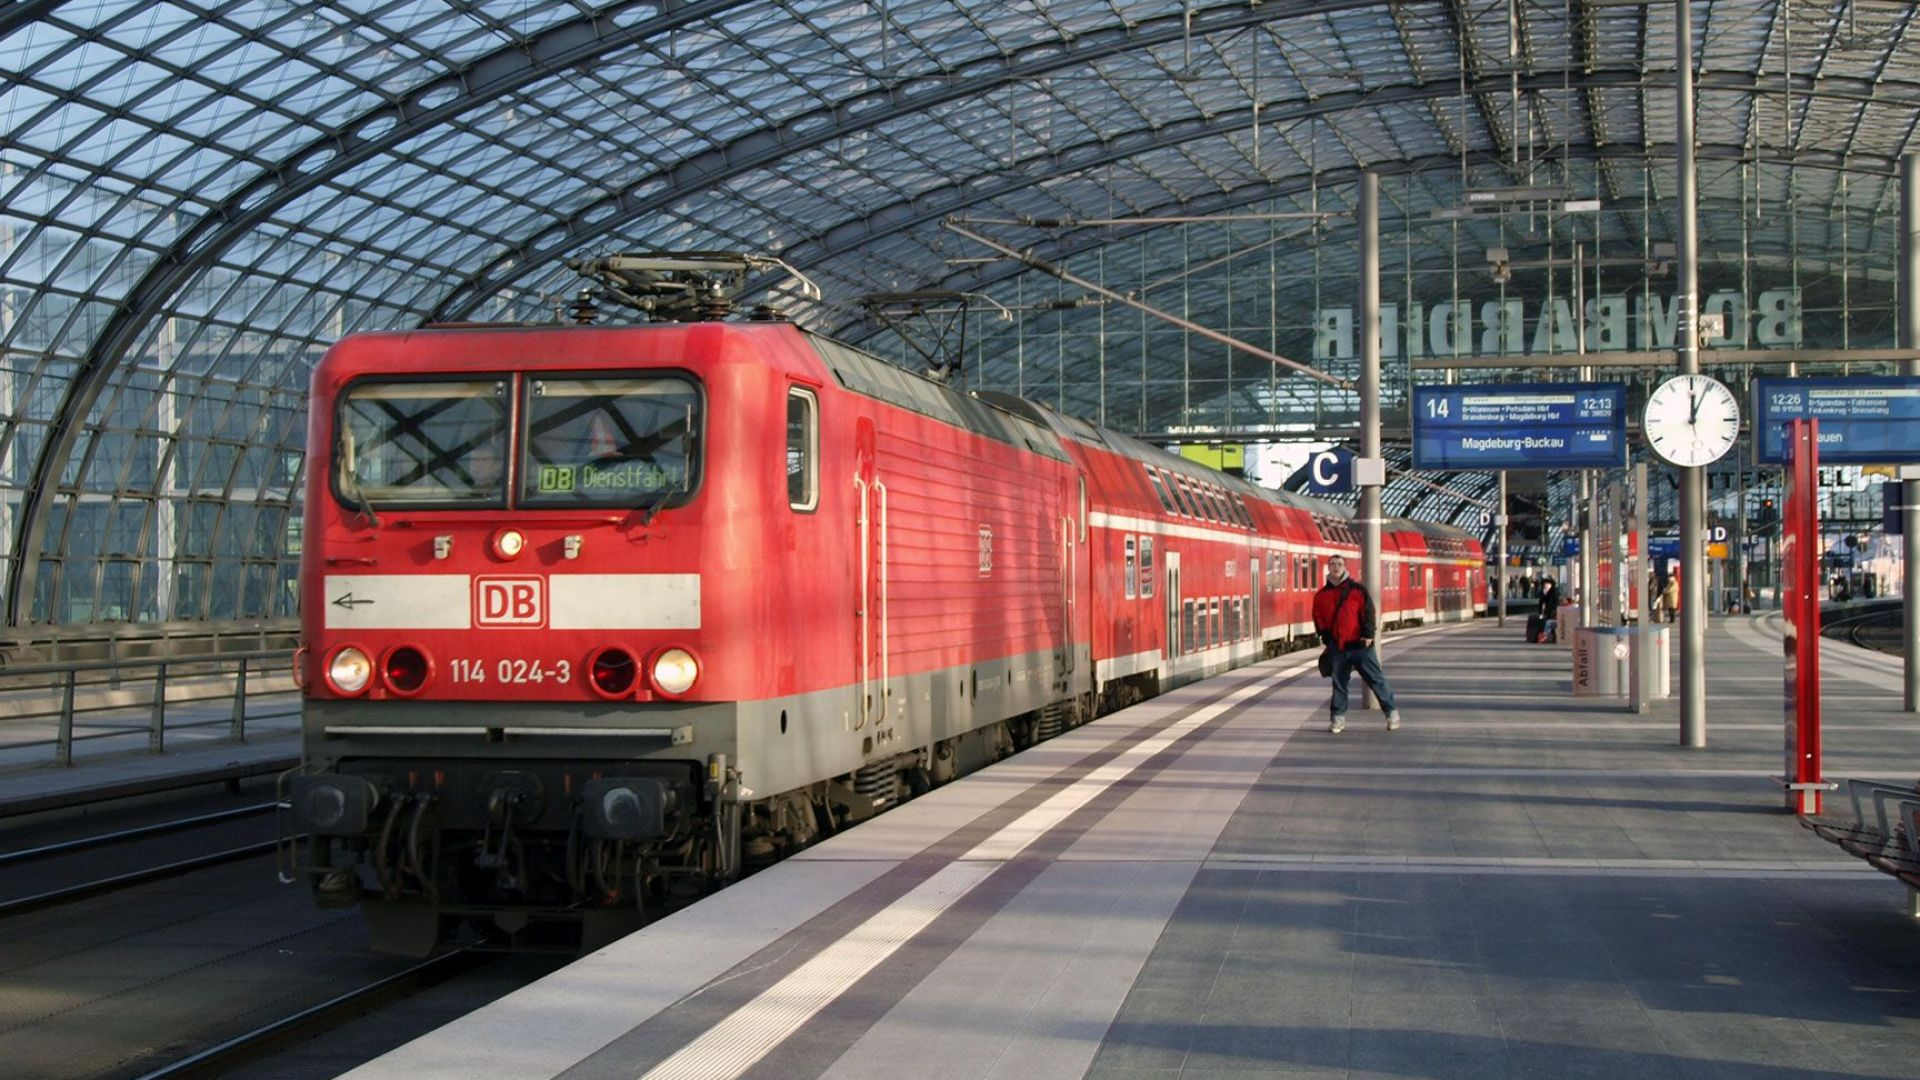 Жените в Берлин с по-евтин градски транспорт заради разлика в заплащането